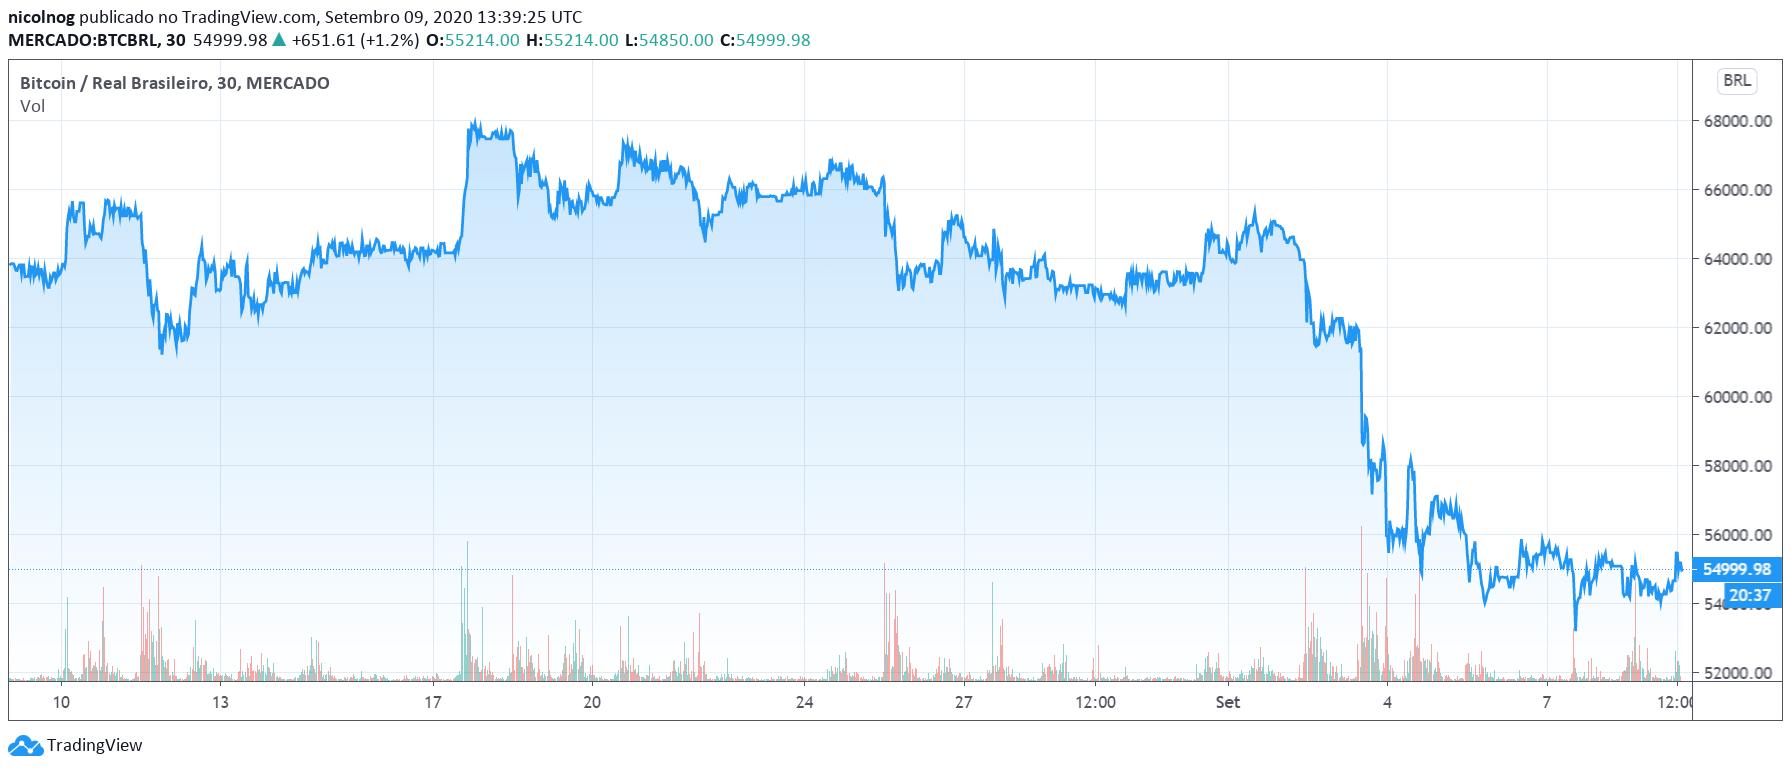 Bitcoin nos últimos 30 dias